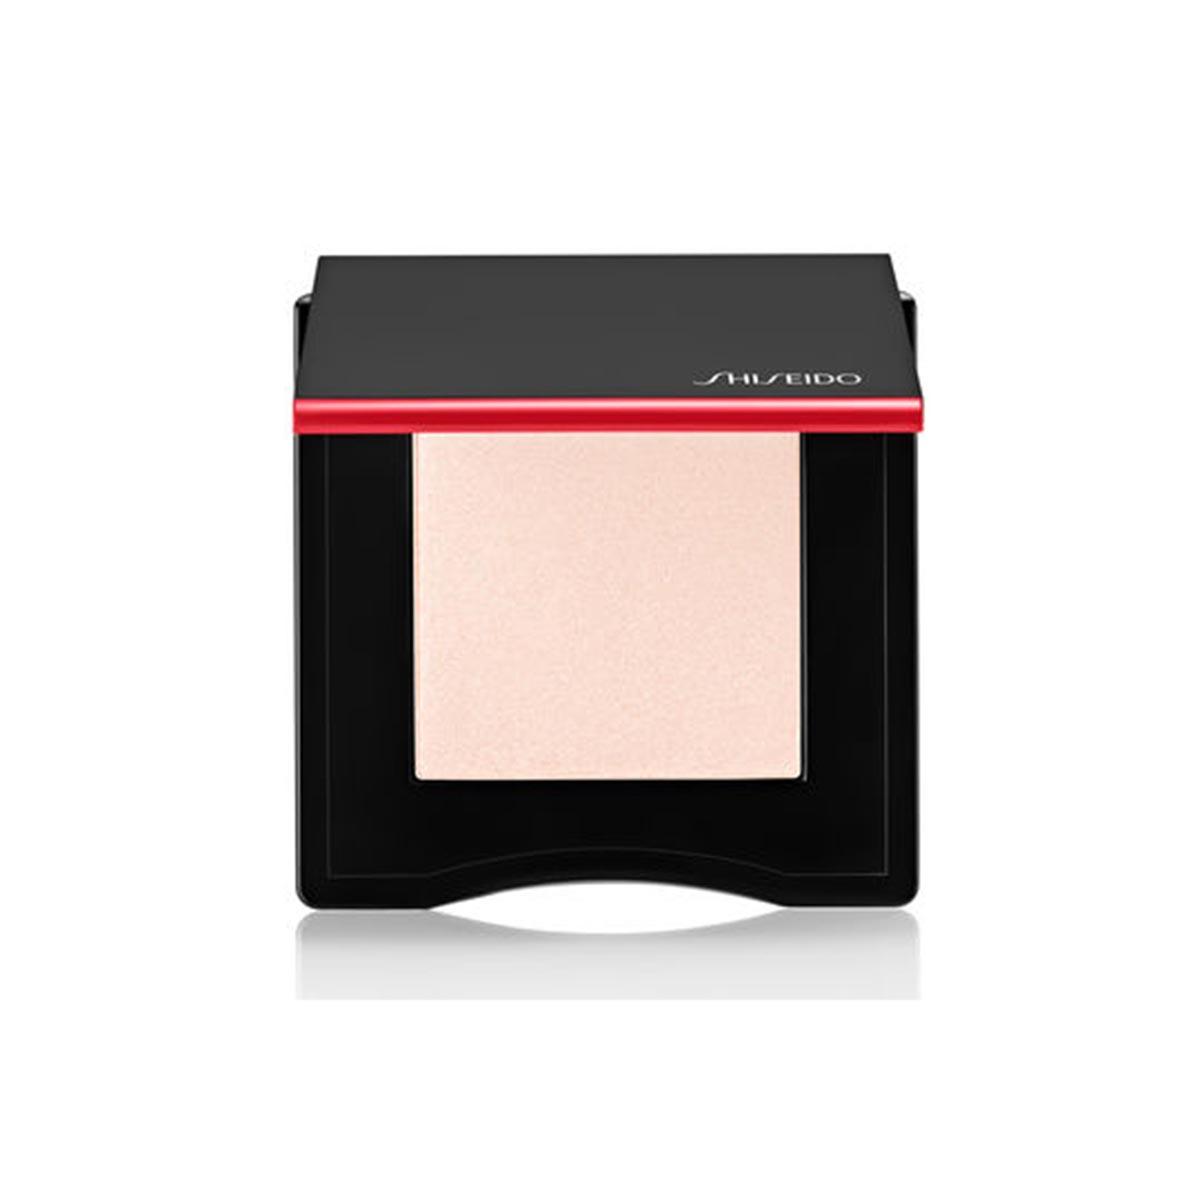 Shiseido innerglow cheek powder 01